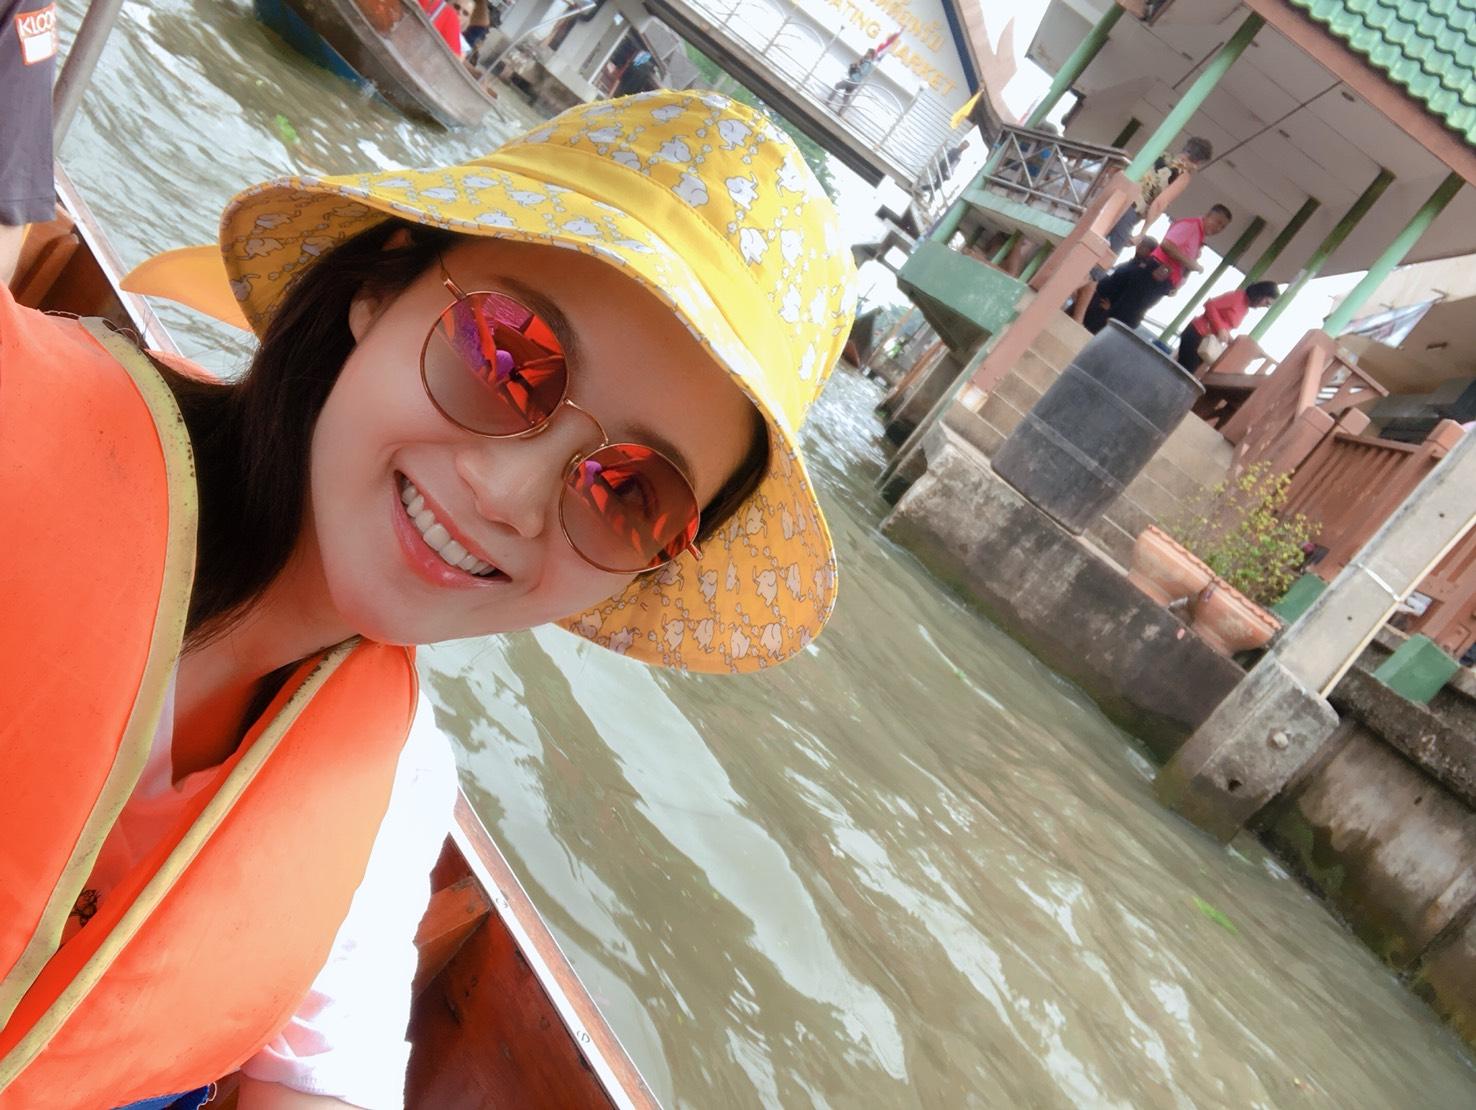 ▲楊小黎在水上市場體驗坐船,還不小心被商家纏住。